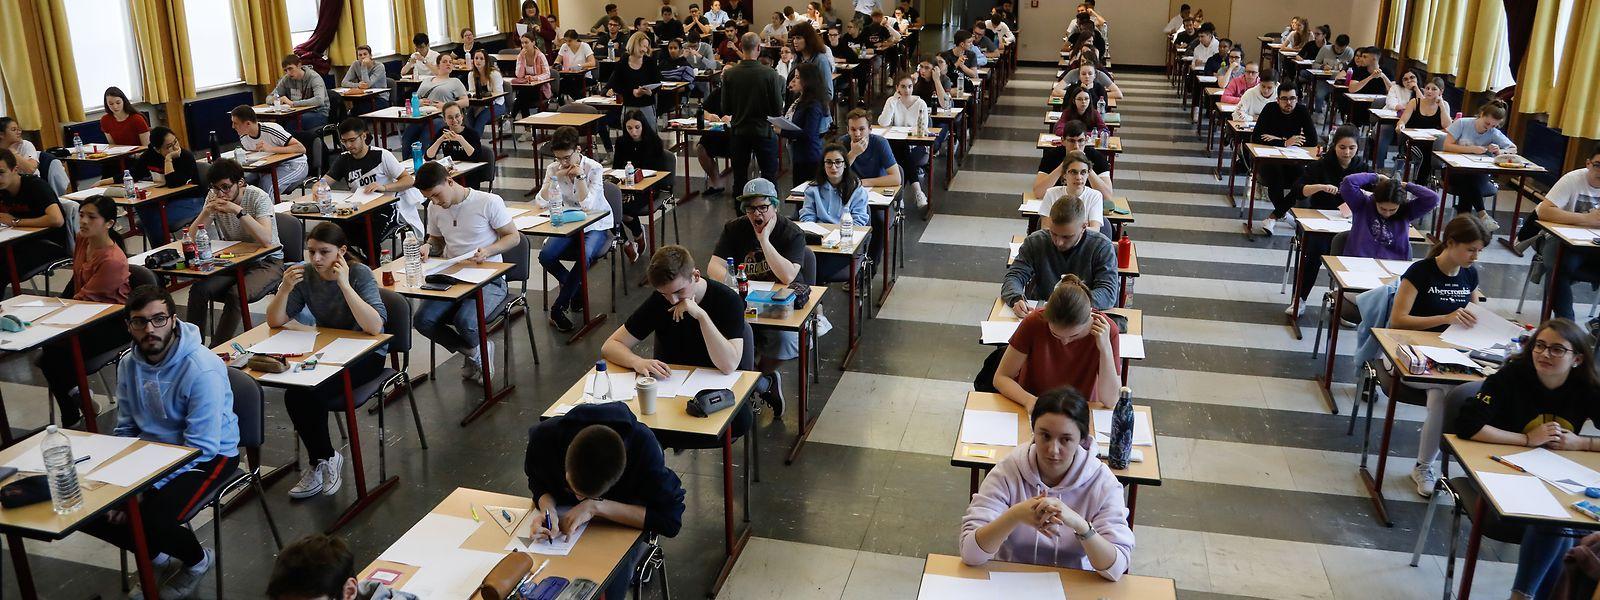 So schrieben die Primaner im vergangenen Jahr im Festsaal des Lycée des Garçons in Esch/Alzette ihre Abschlussexamen. In diesem Jahr wird das Szenario wohl anders aussehen.